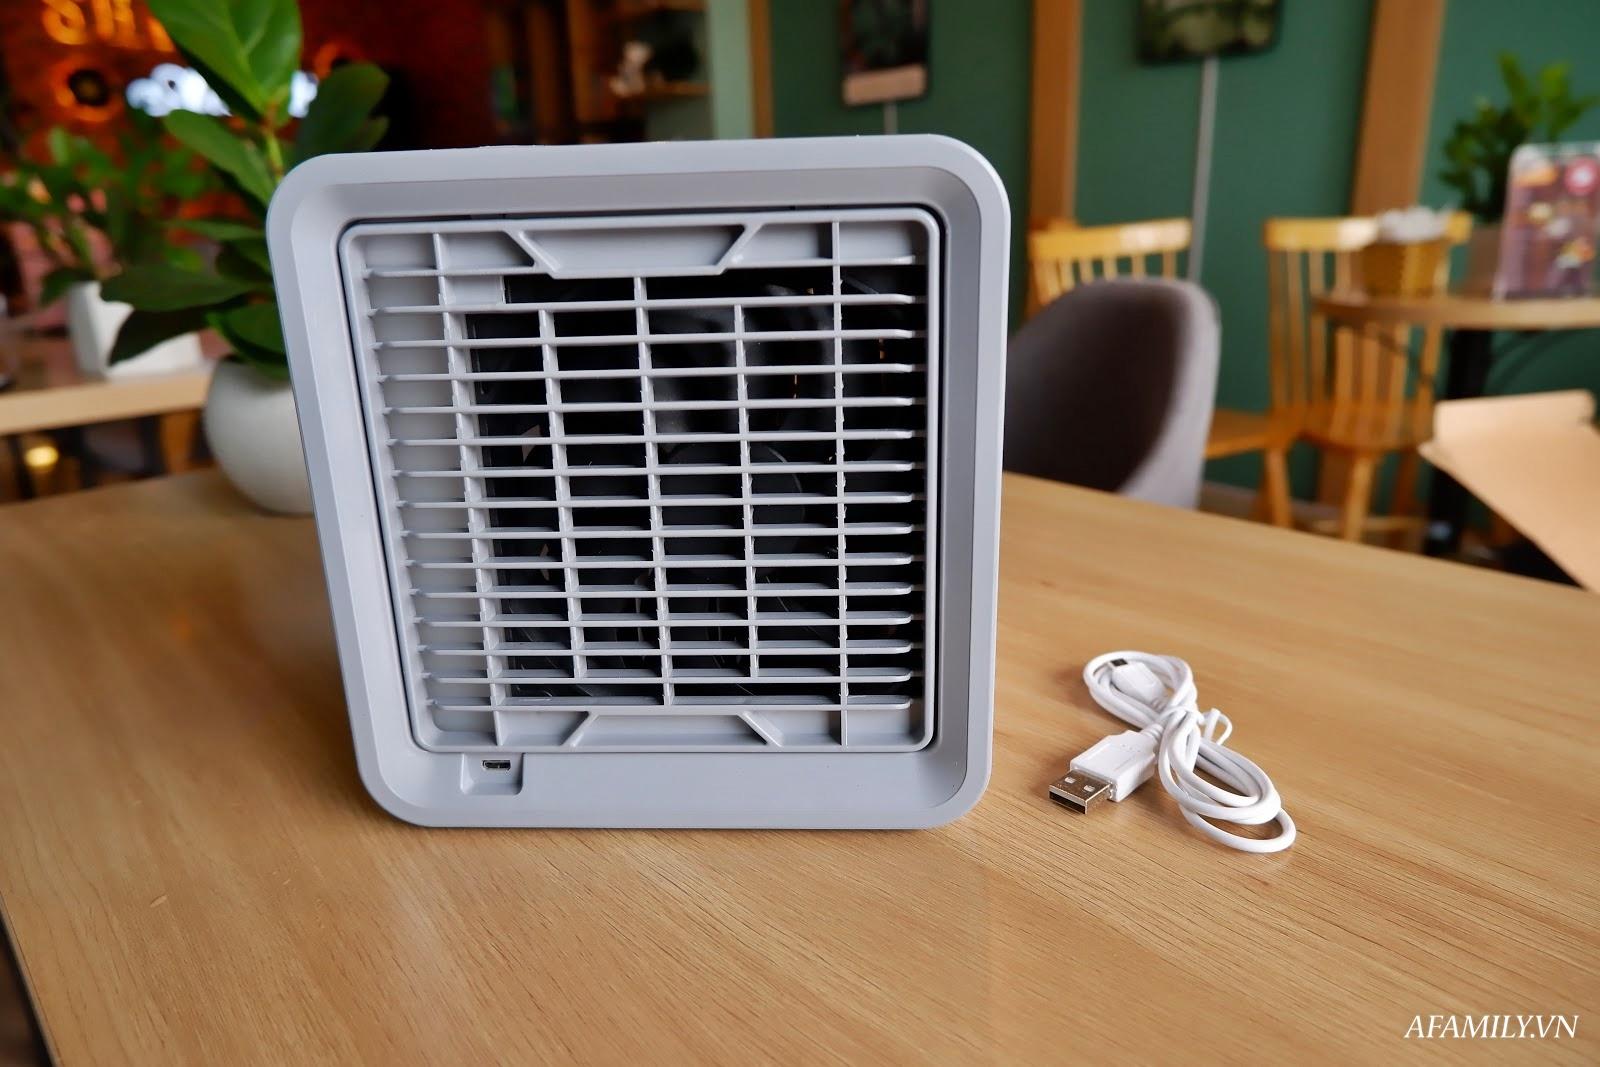 Đánh giá chất lượng quạt làm mát mini Arctic Air: Làm mát không khí có tốt không? - Ảnh 2.